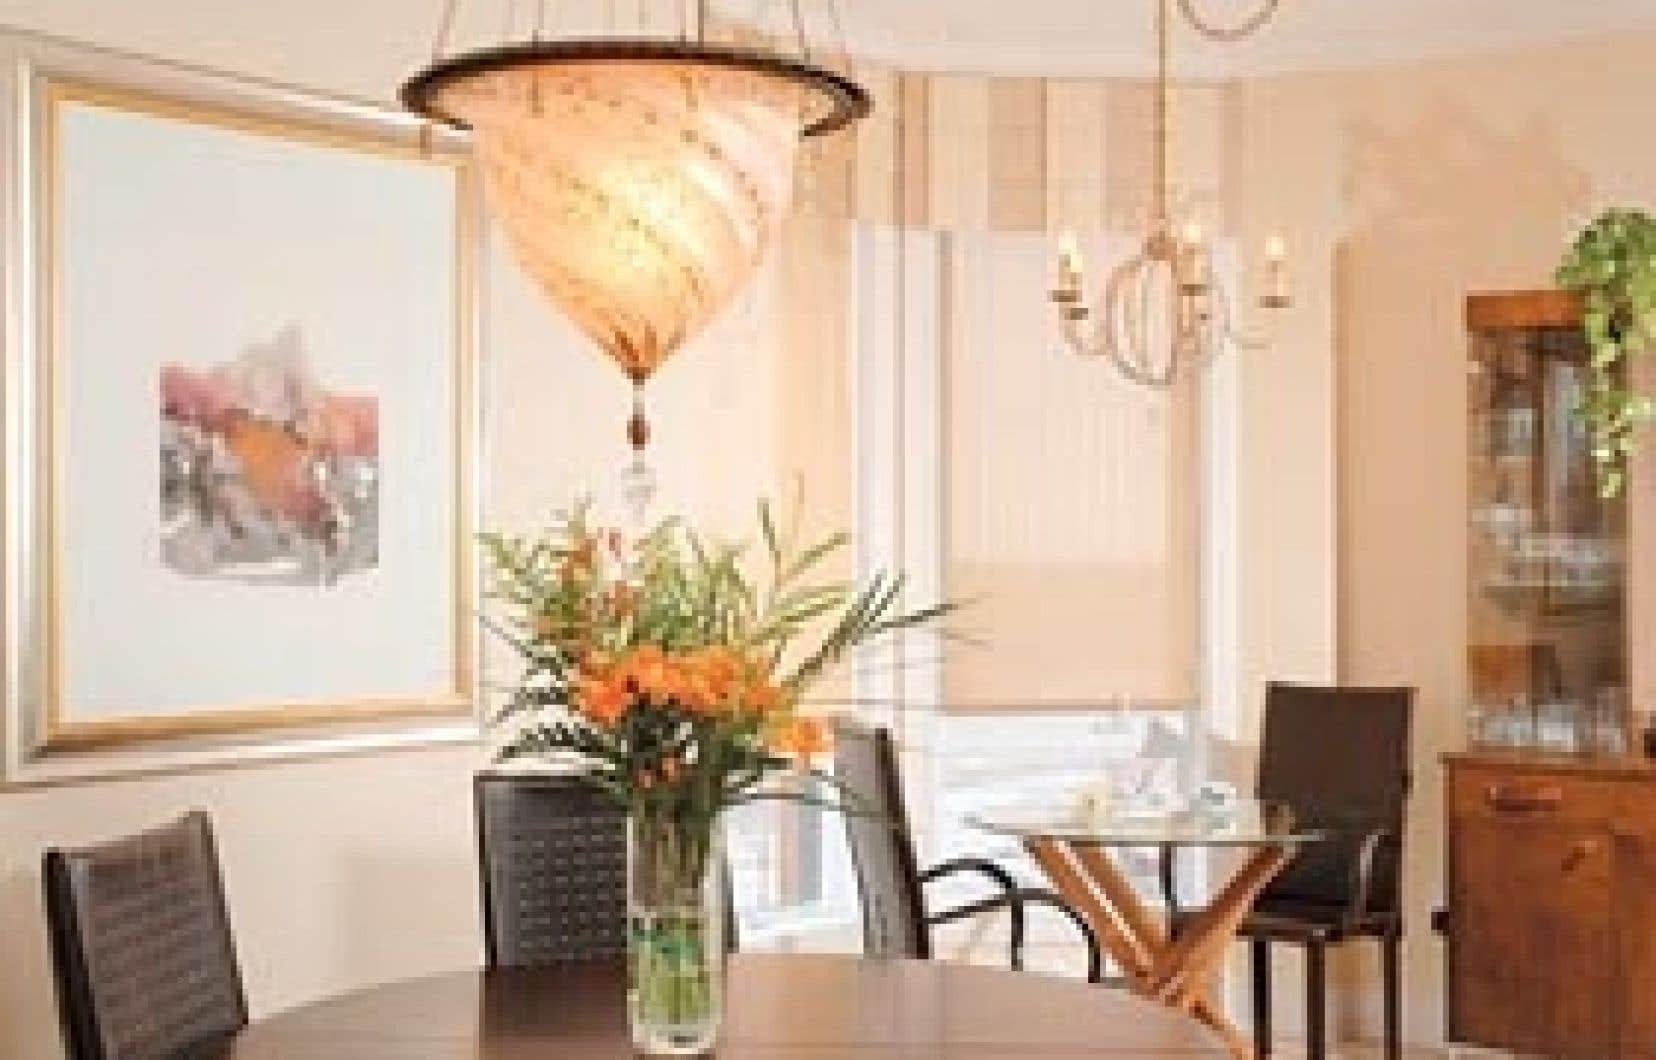 r nover sa maison de bonnes raisons d 39 embaucher un designer d 39 int rieur le devoir. Black Bedroom Furniture Sets. Home Design Ideas